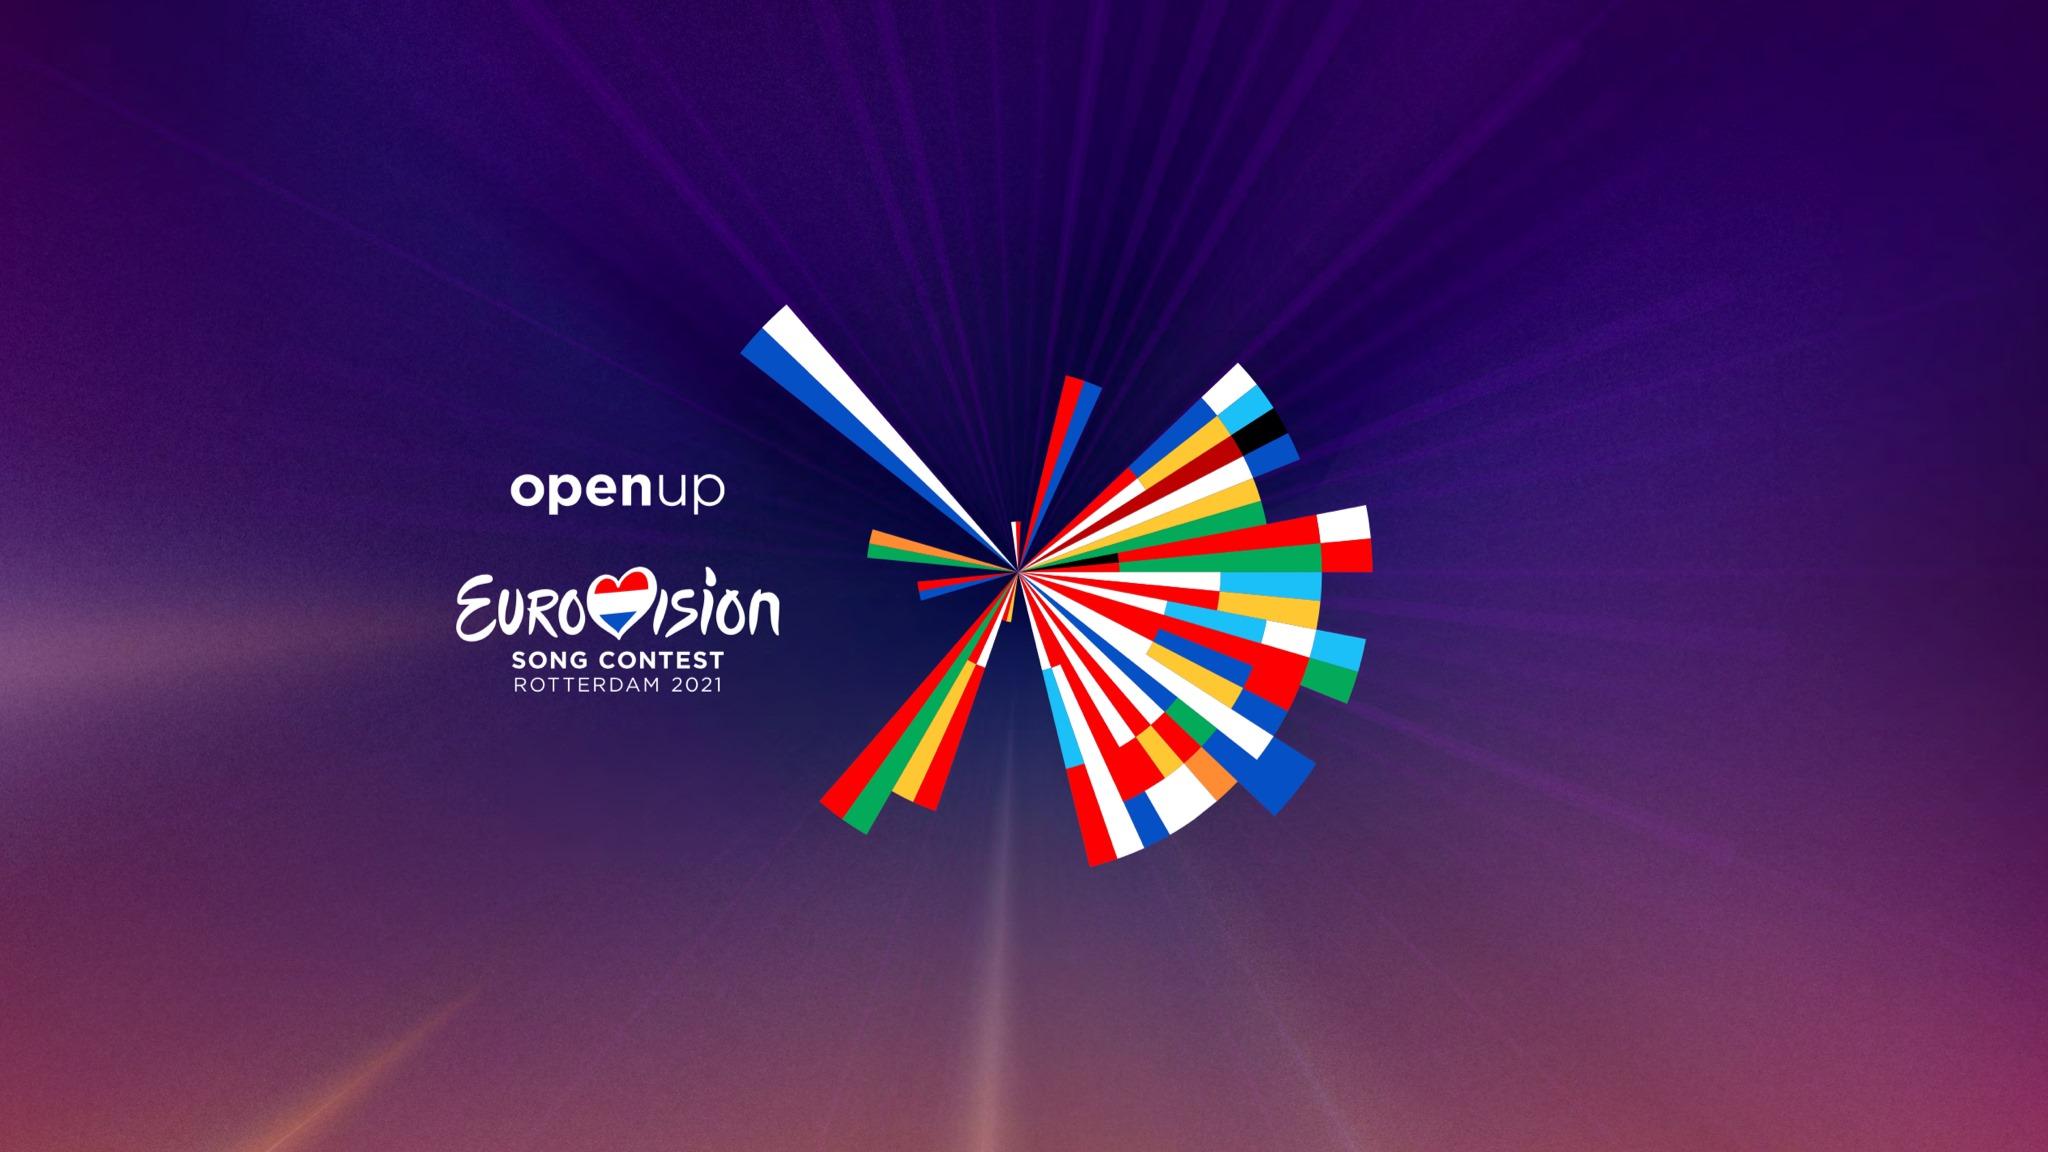 Евровизия 2021 вероятно ще се проведе с публика в зала през май в Ротердам 141